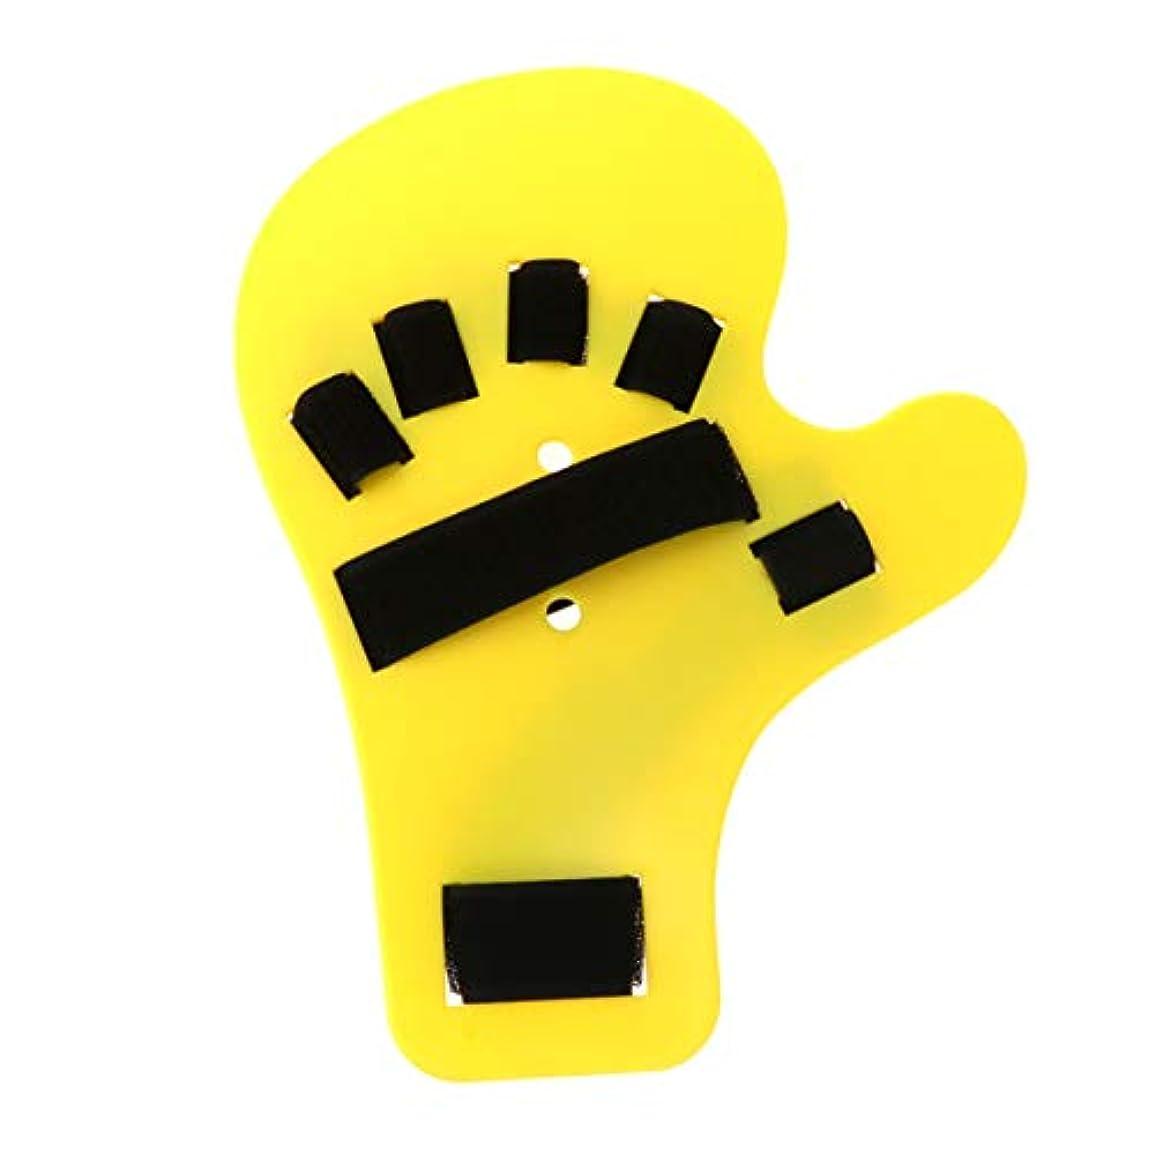 どのくらいの頻度で以下ラリーSUPVOX 指装具指板ストロークハンドスプリントトレーニングサポートハンド手首トレーニング右手用装具デバイス